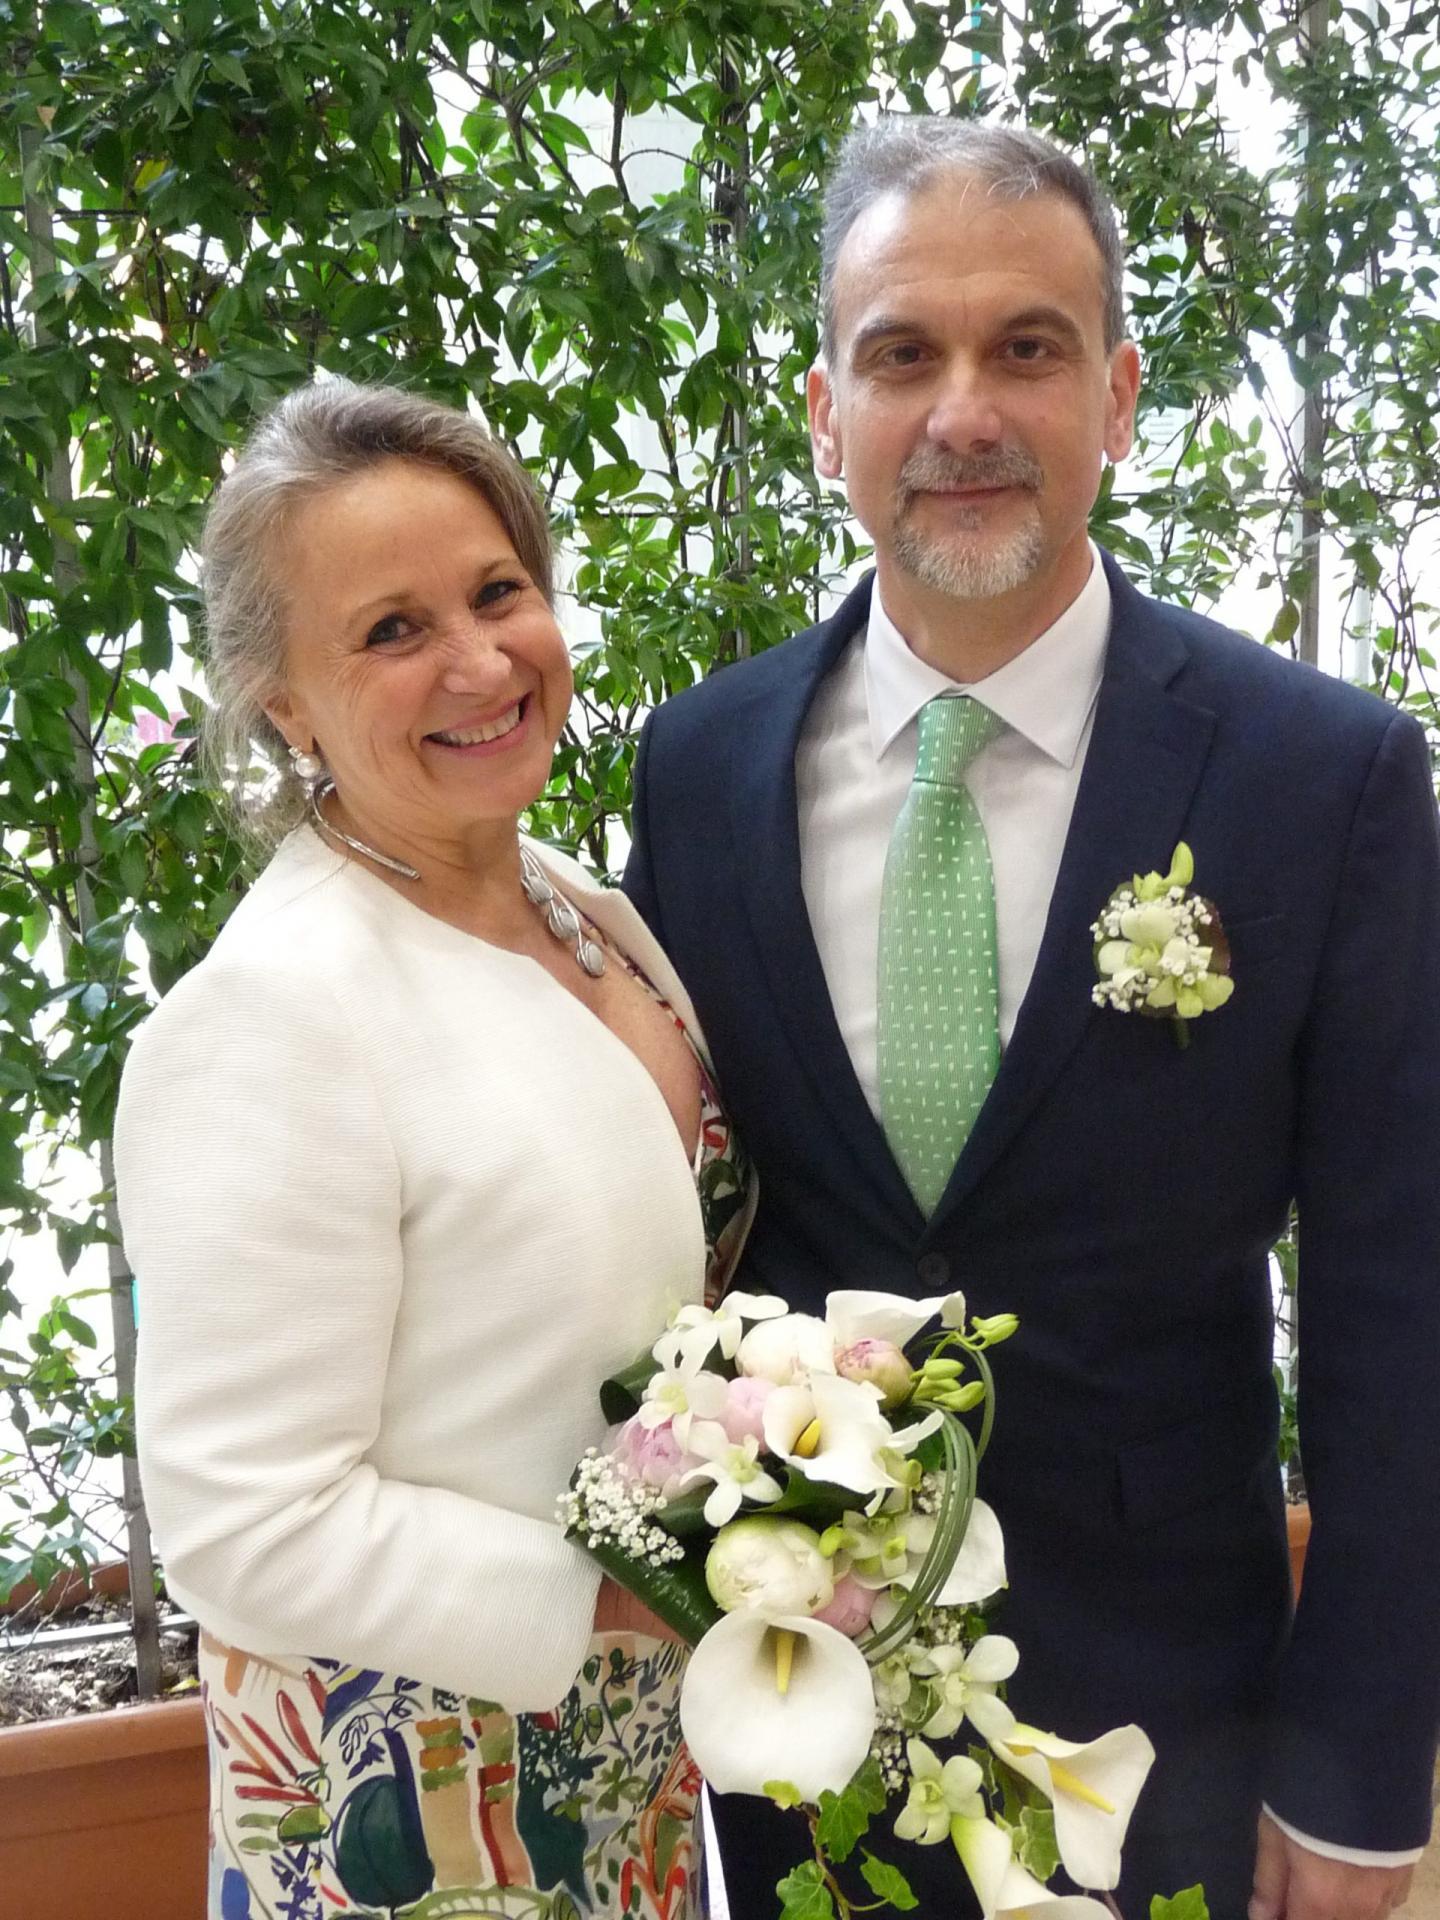 Laura Canepa, décoratrice d'intérieur, et Paolo Bandini, architecte.